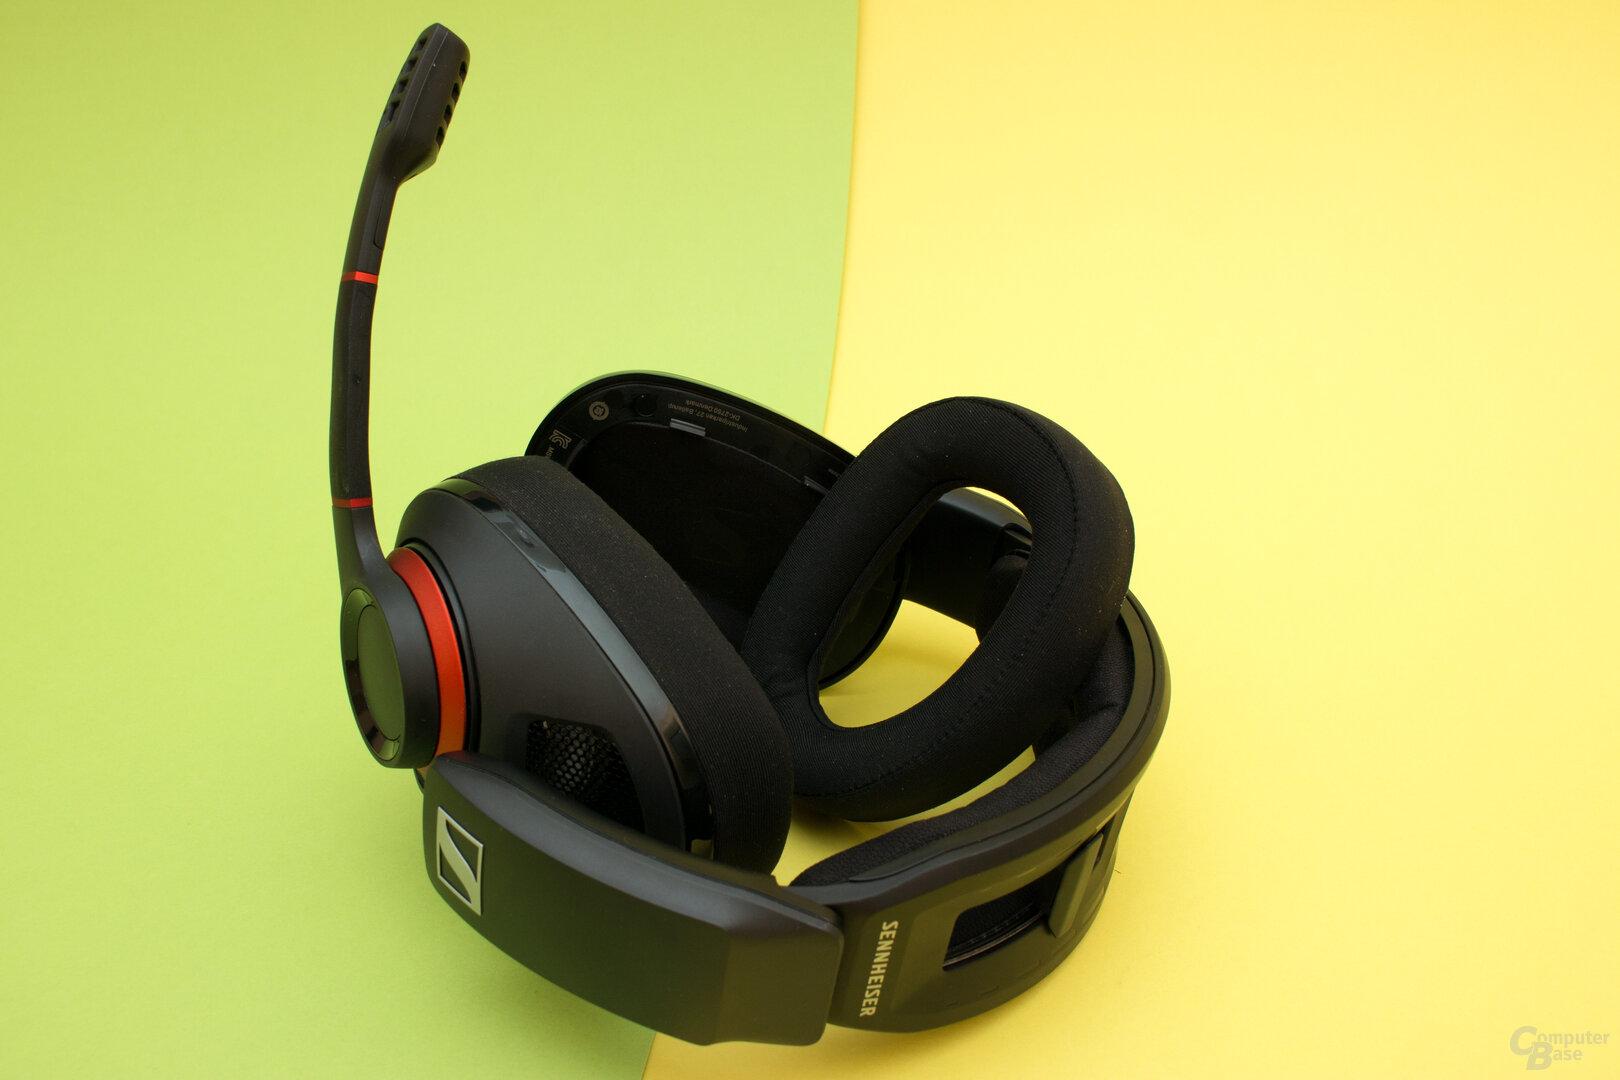 Die Polster lassen sich bei beiden Headsets leicht wechseln